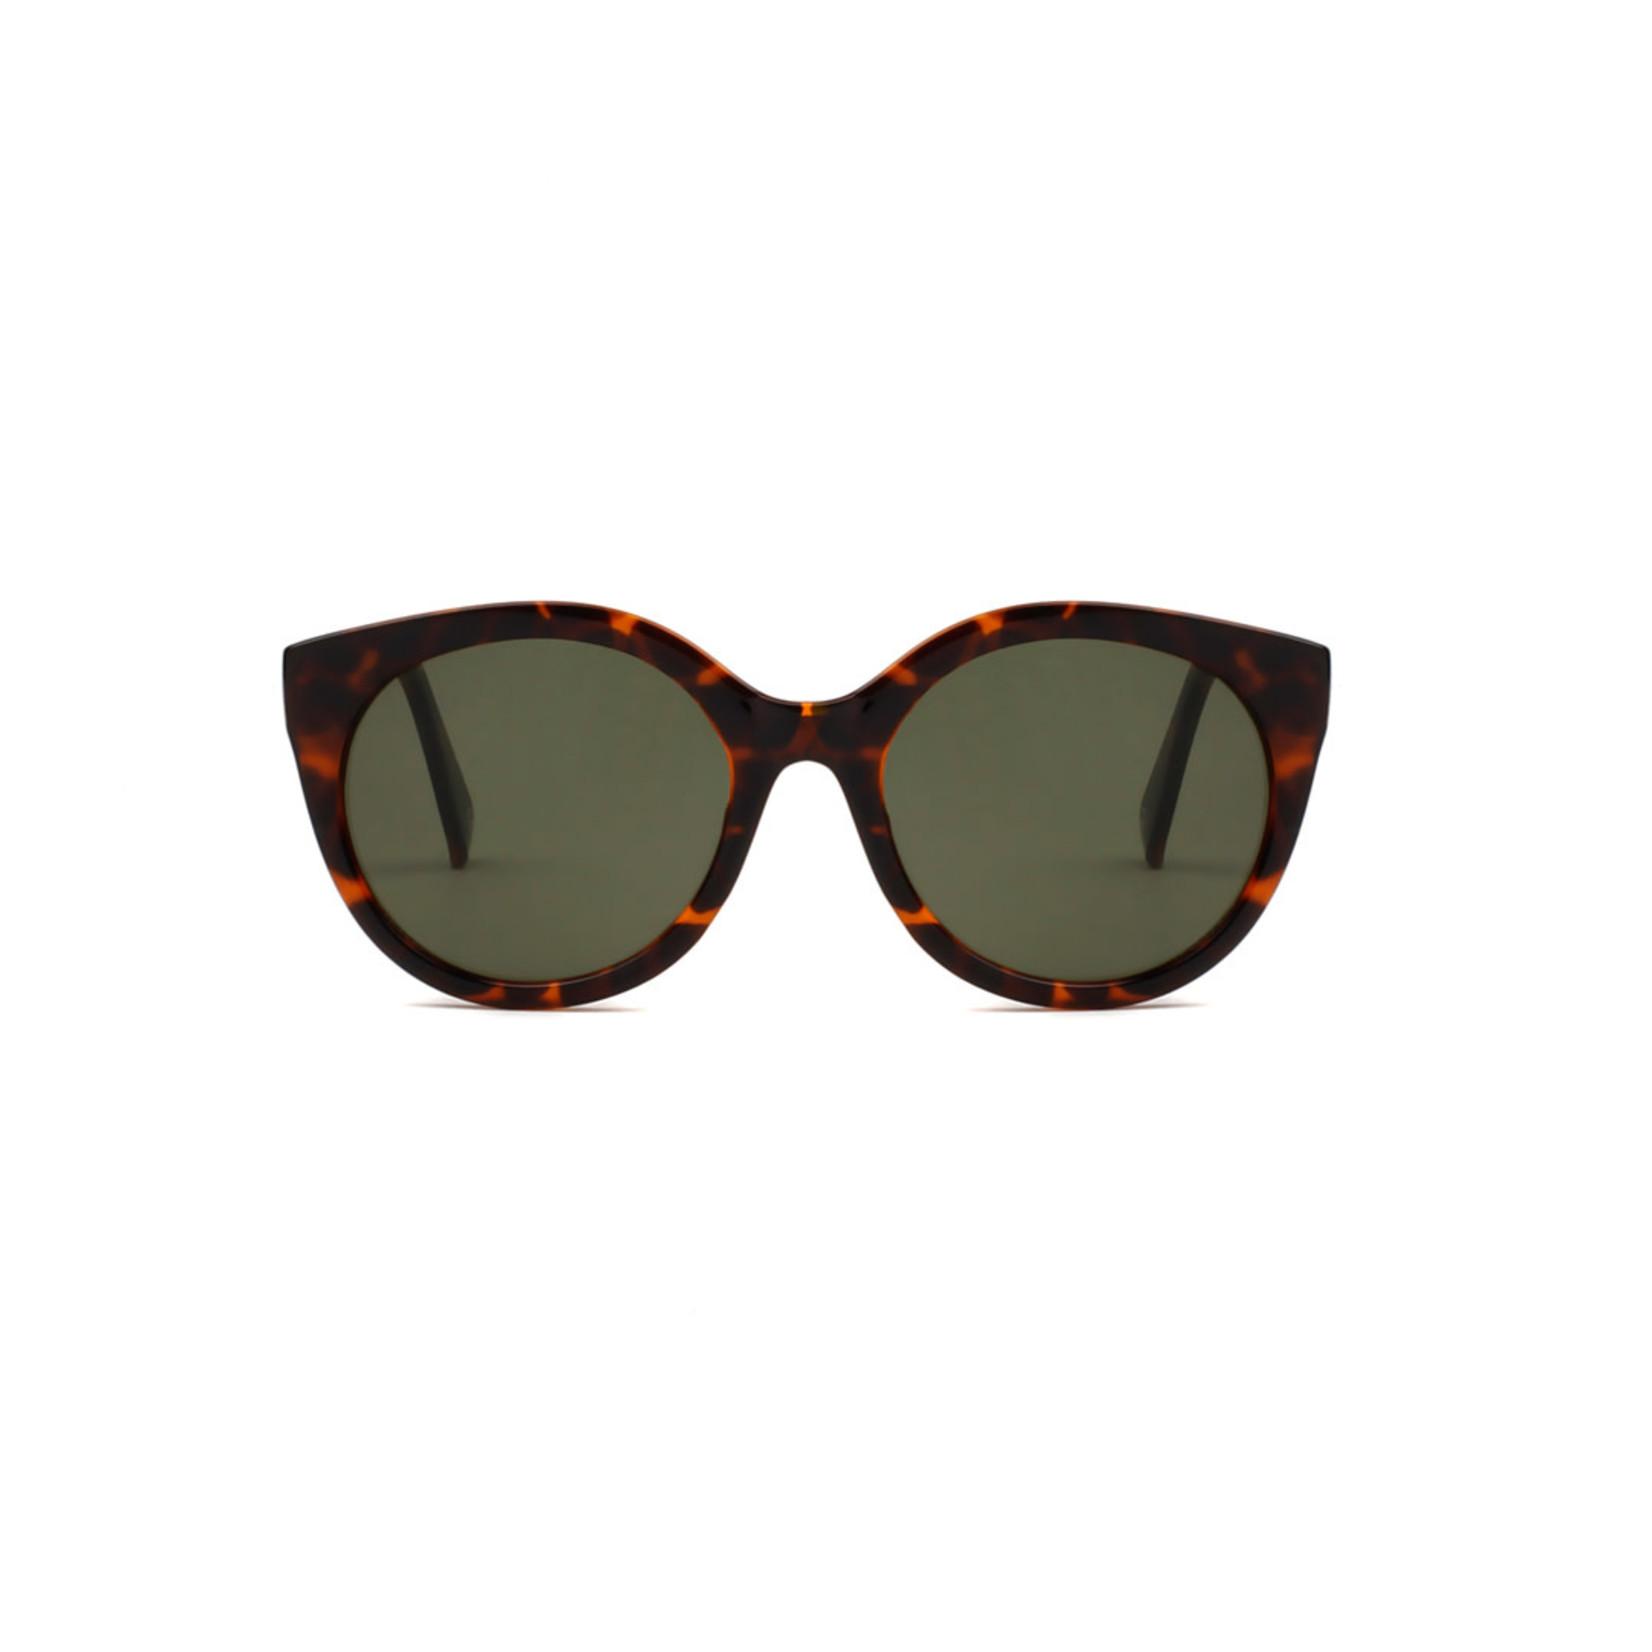 Kjearbede Kjearbede zonnebril  Butterfly Tortoise/mt -2